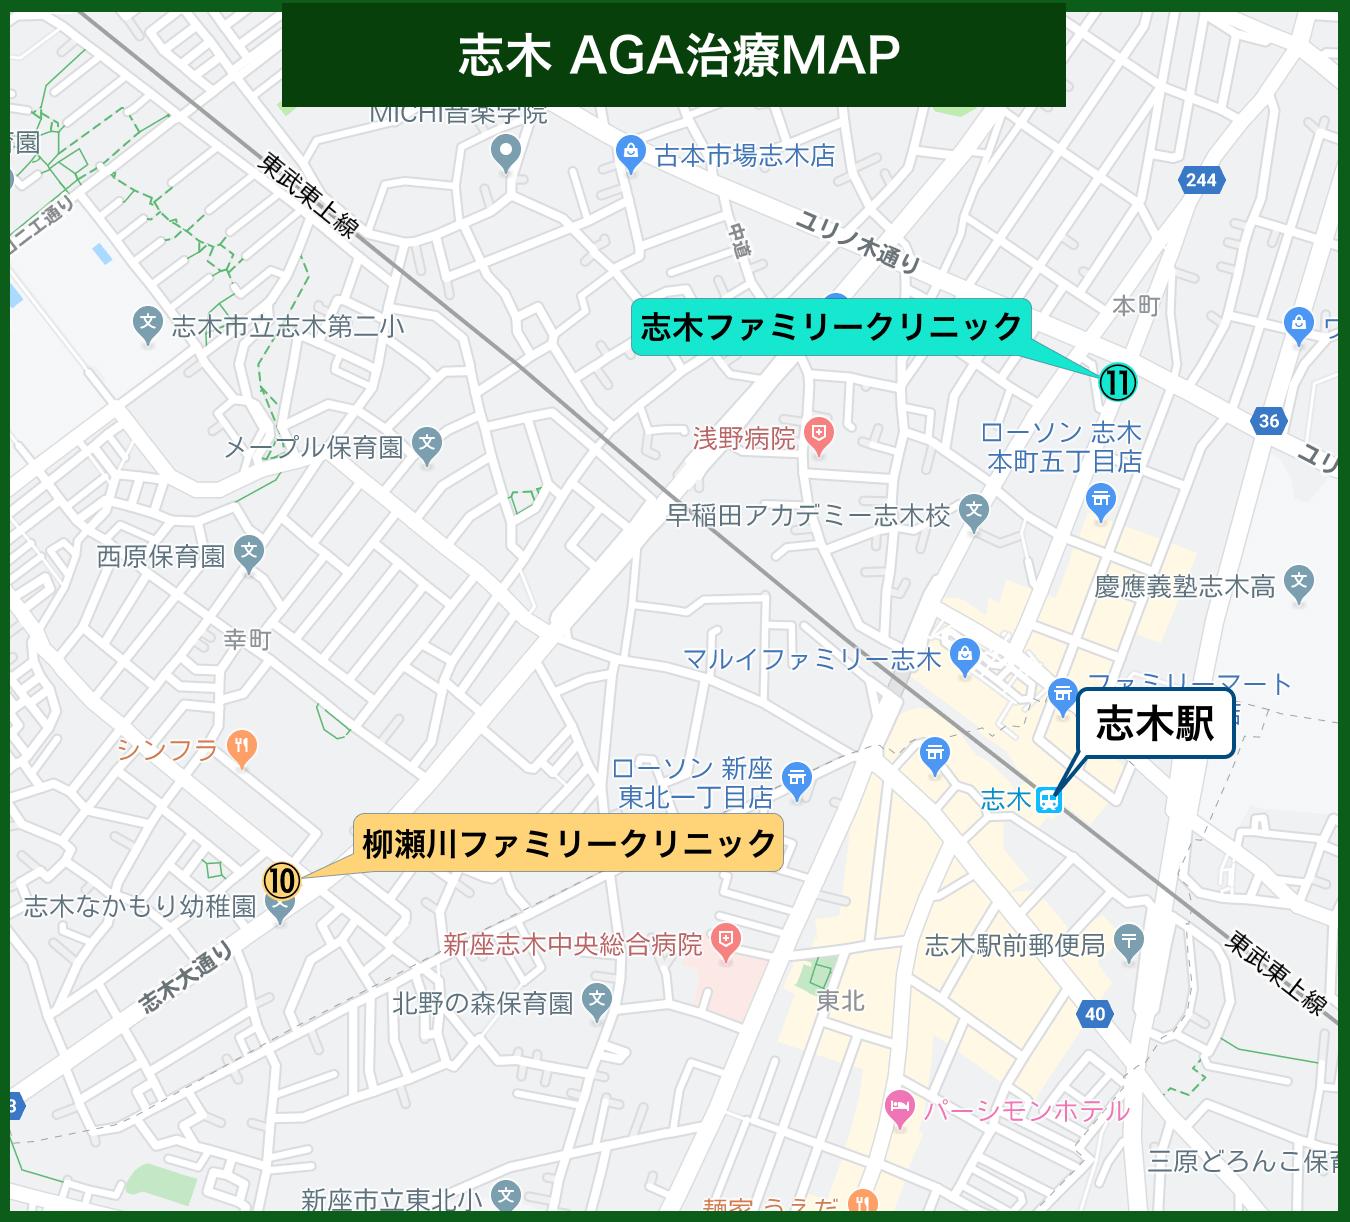 志木 AGA治療MAP